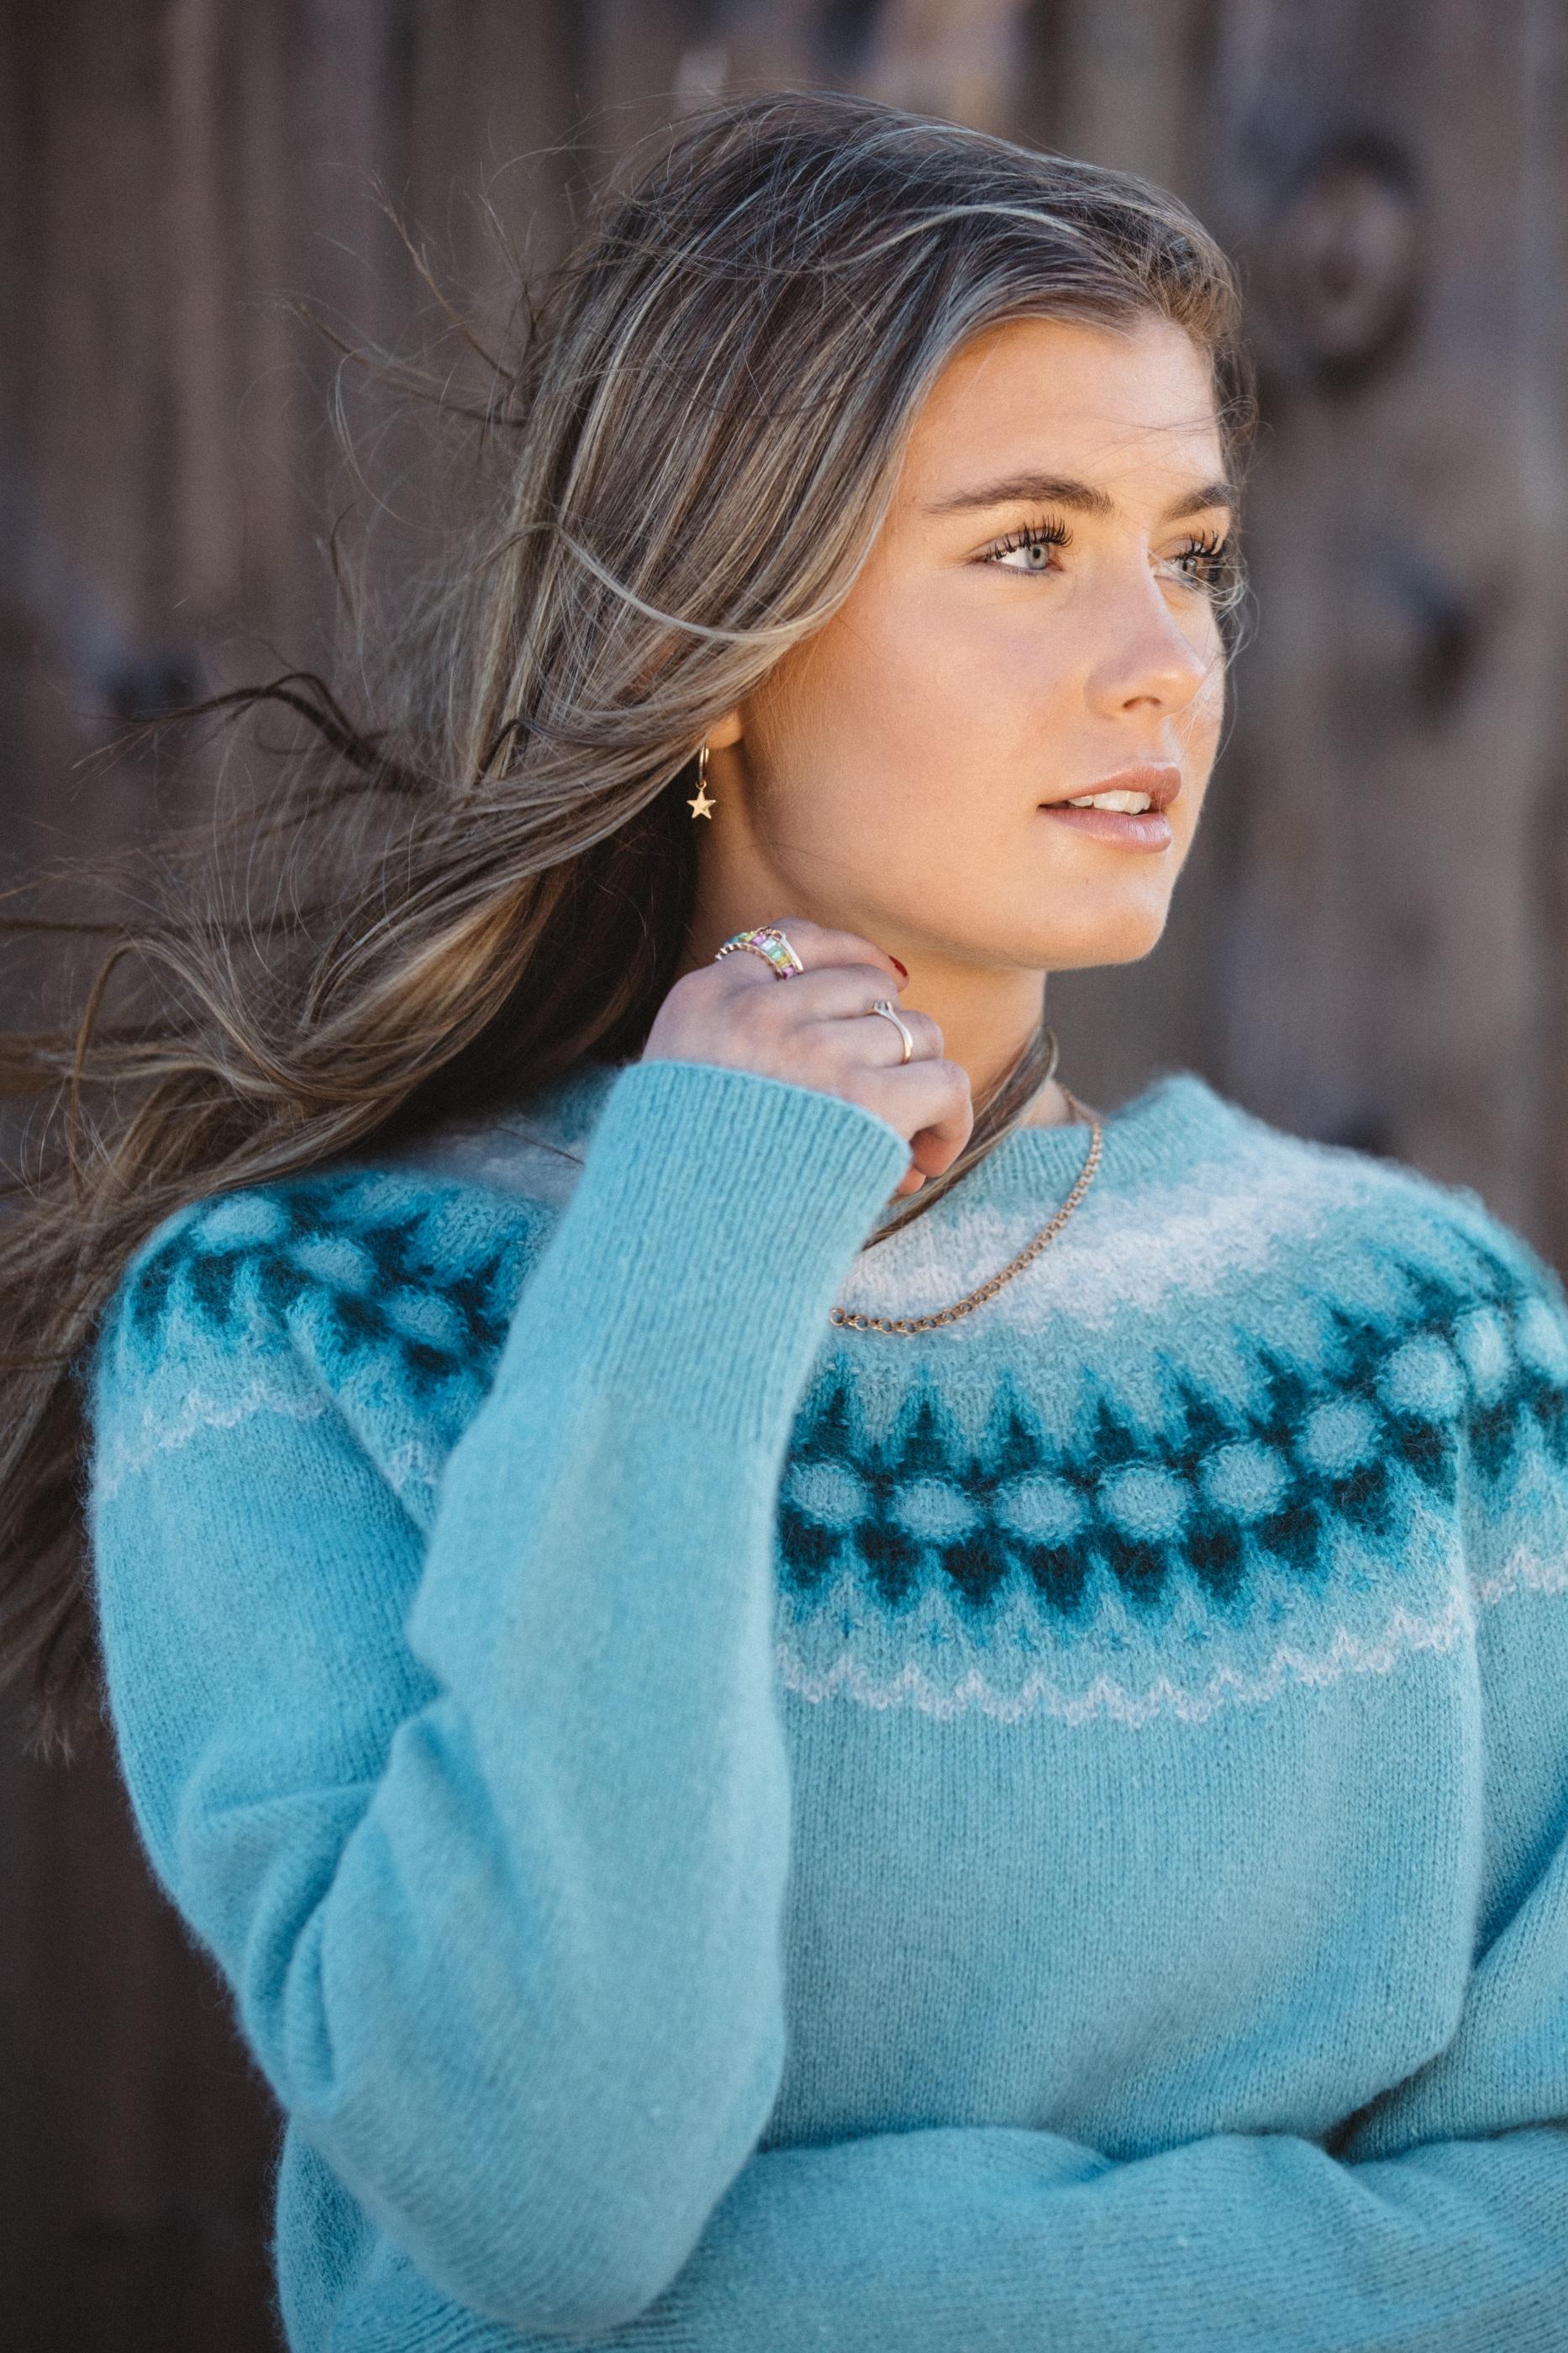 Bohus Stickning Blå Blomman, turkos bf pullover cardigan kit